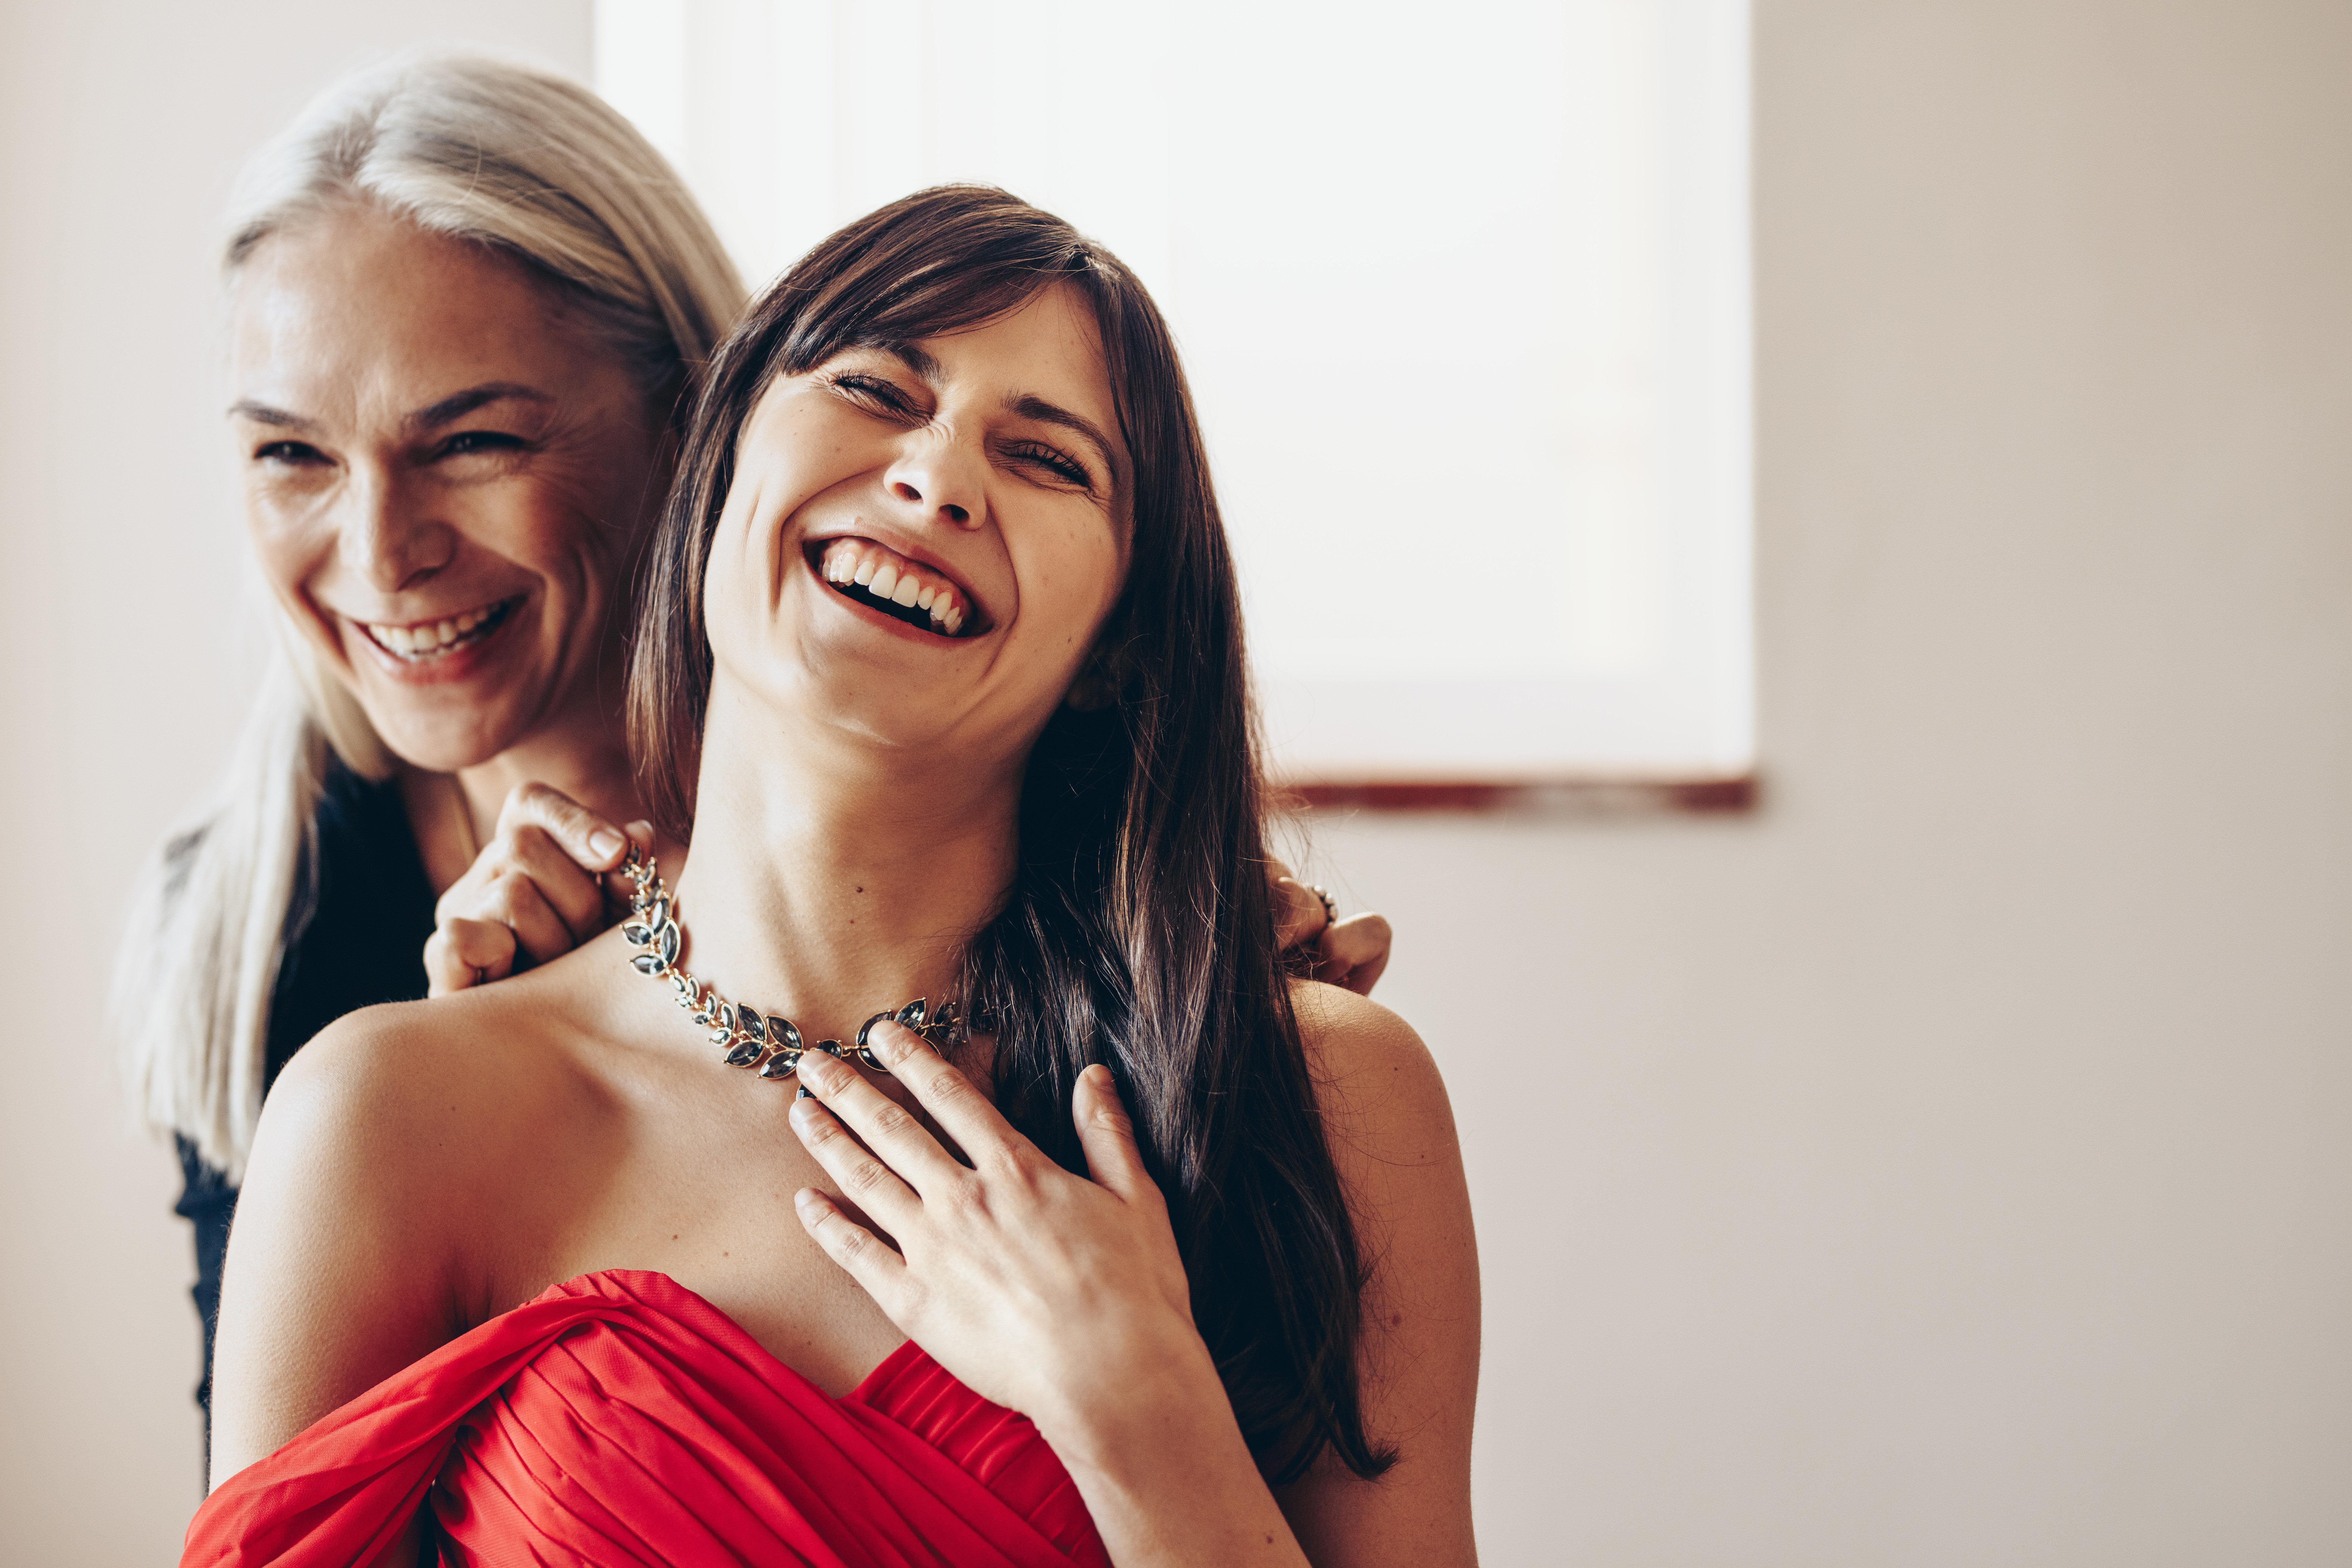 Un estudio sugiere que las madres son la razón por la que sigues en la